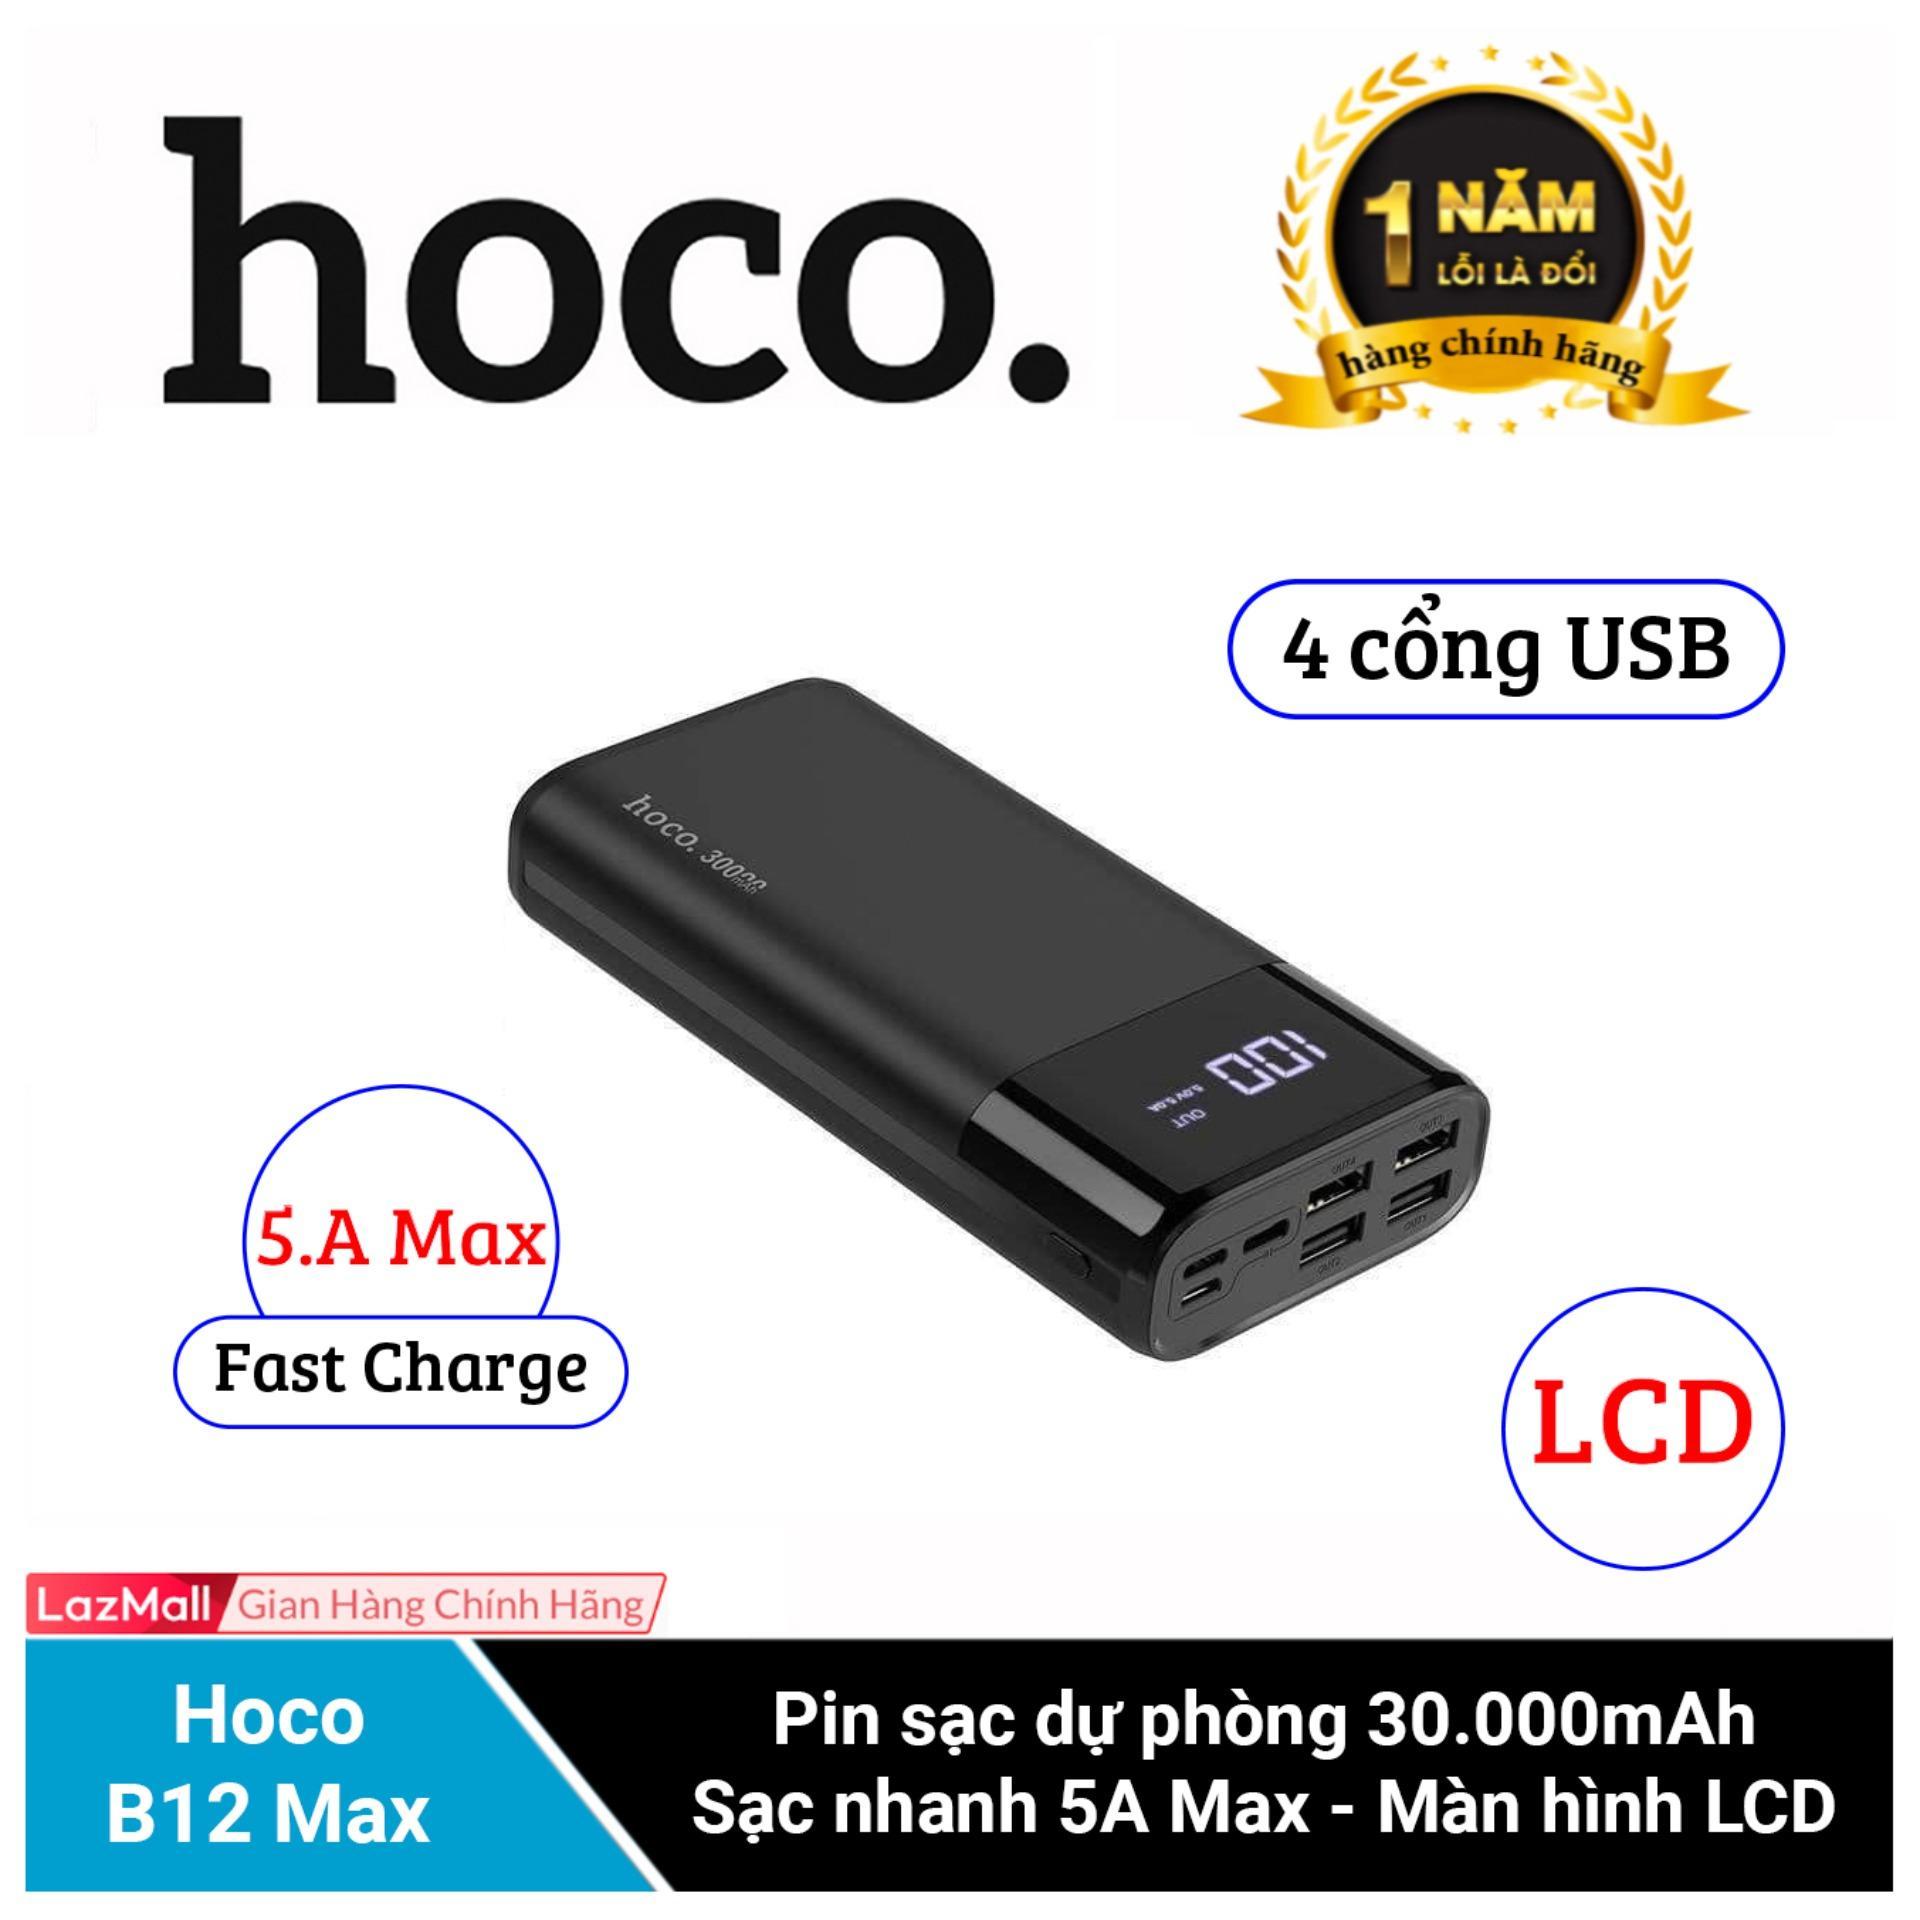 Pin Sạc Dự Phòng Hoco B12 Max - Dung Lượng 30.000 mAh ( 4 cổng USB , Hỗ trợ sạc nhanh 5A Max )